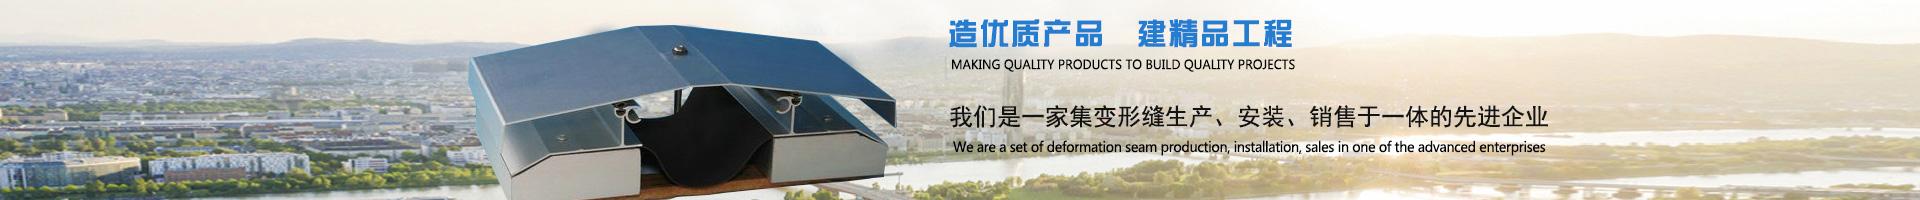 广州变形缝